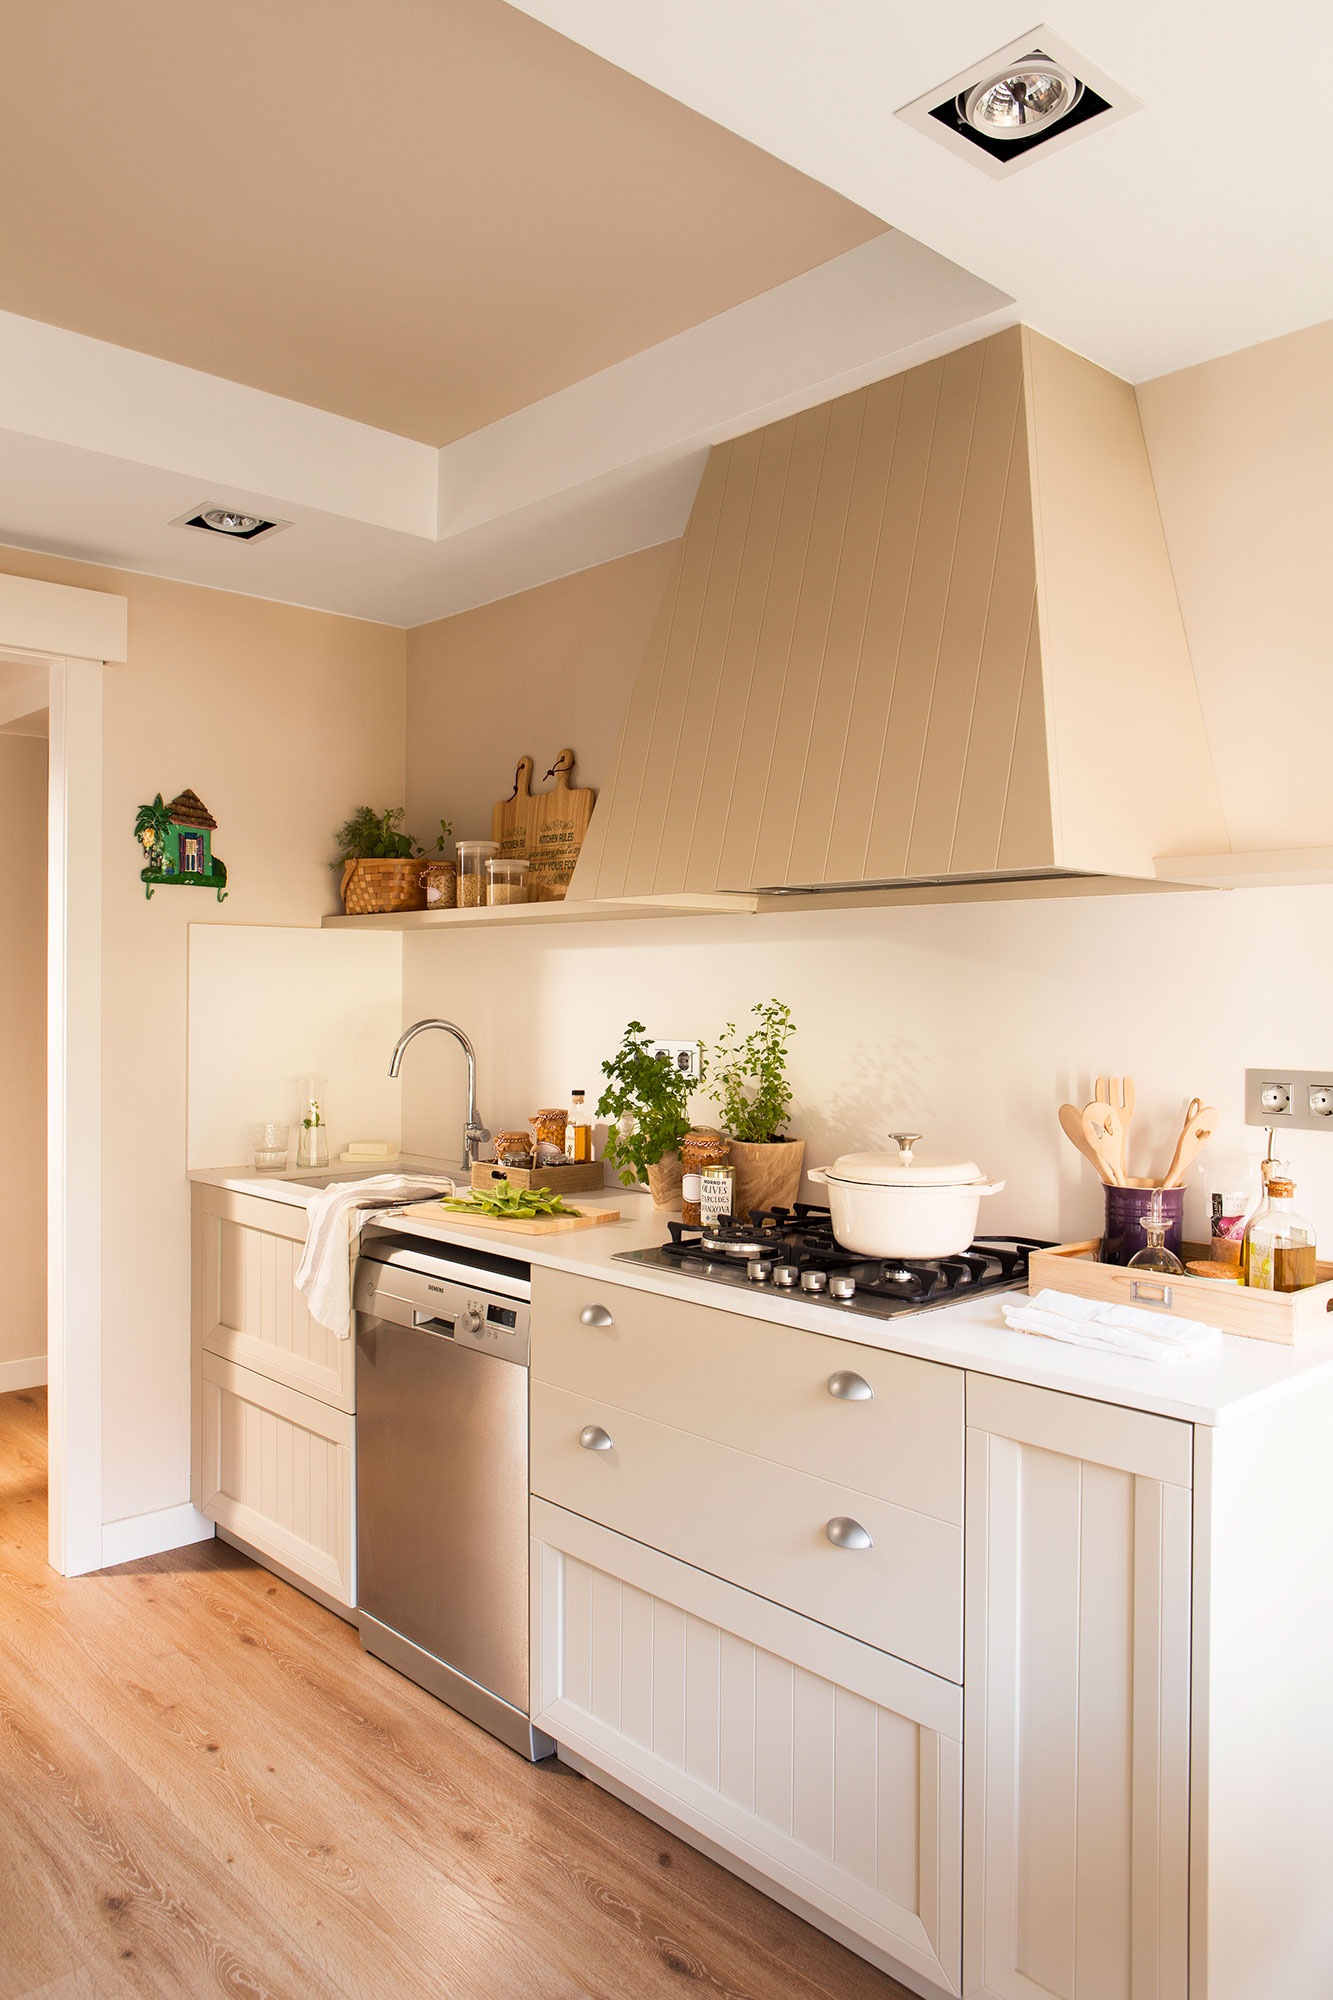 Renovar la cocina sin obras 10 reformas low cost for Muebles cocina chica